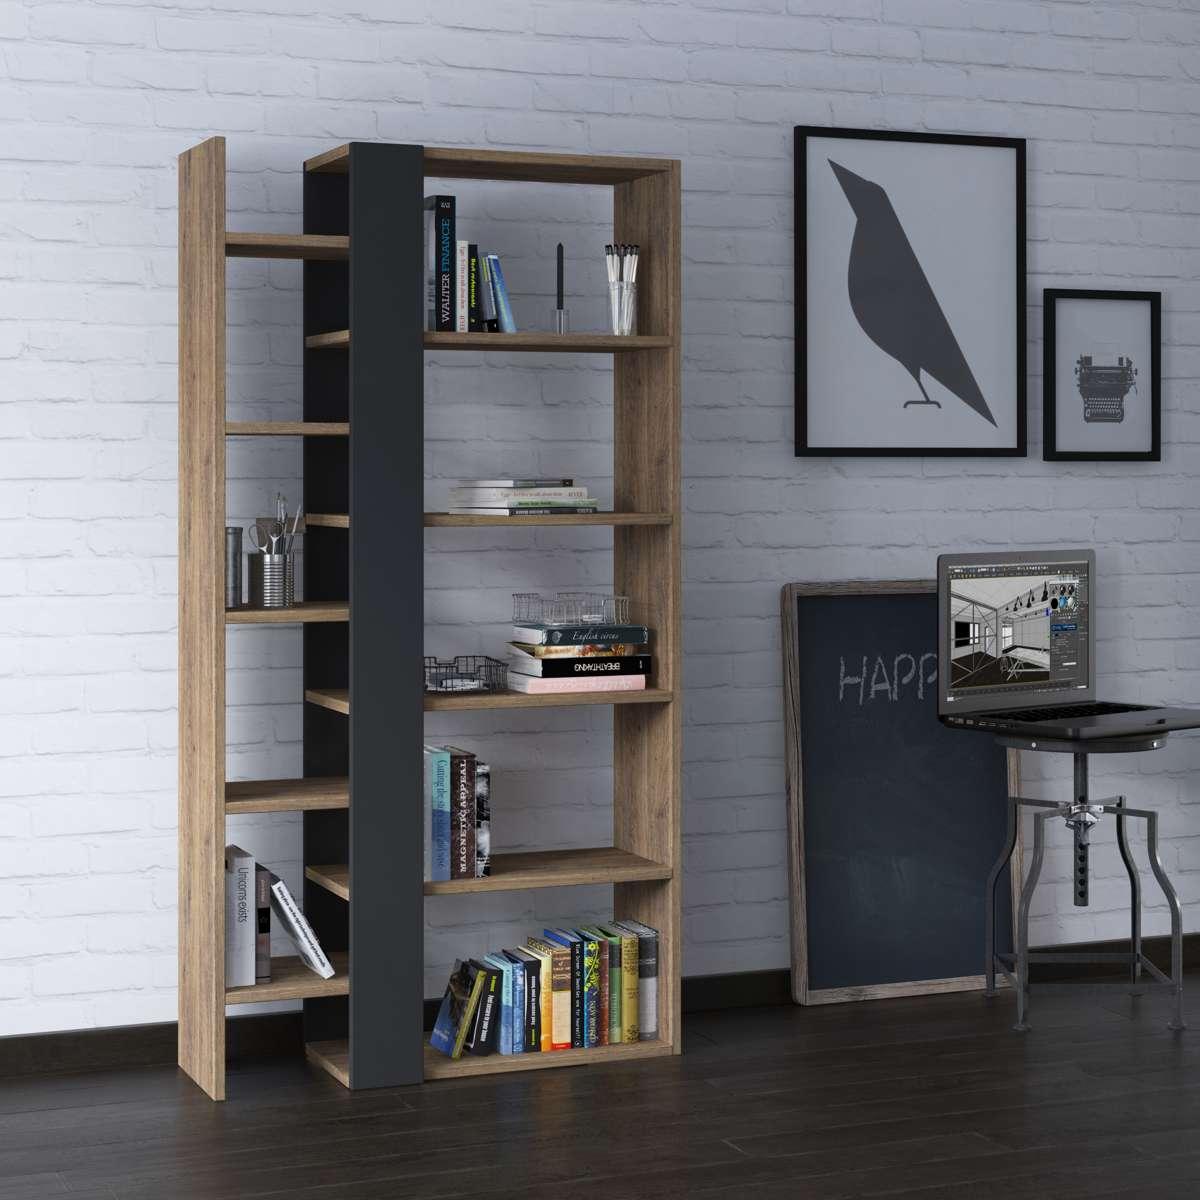 כוננית Lift Bookcase אלון כהה/אפור מסדרת Decoline